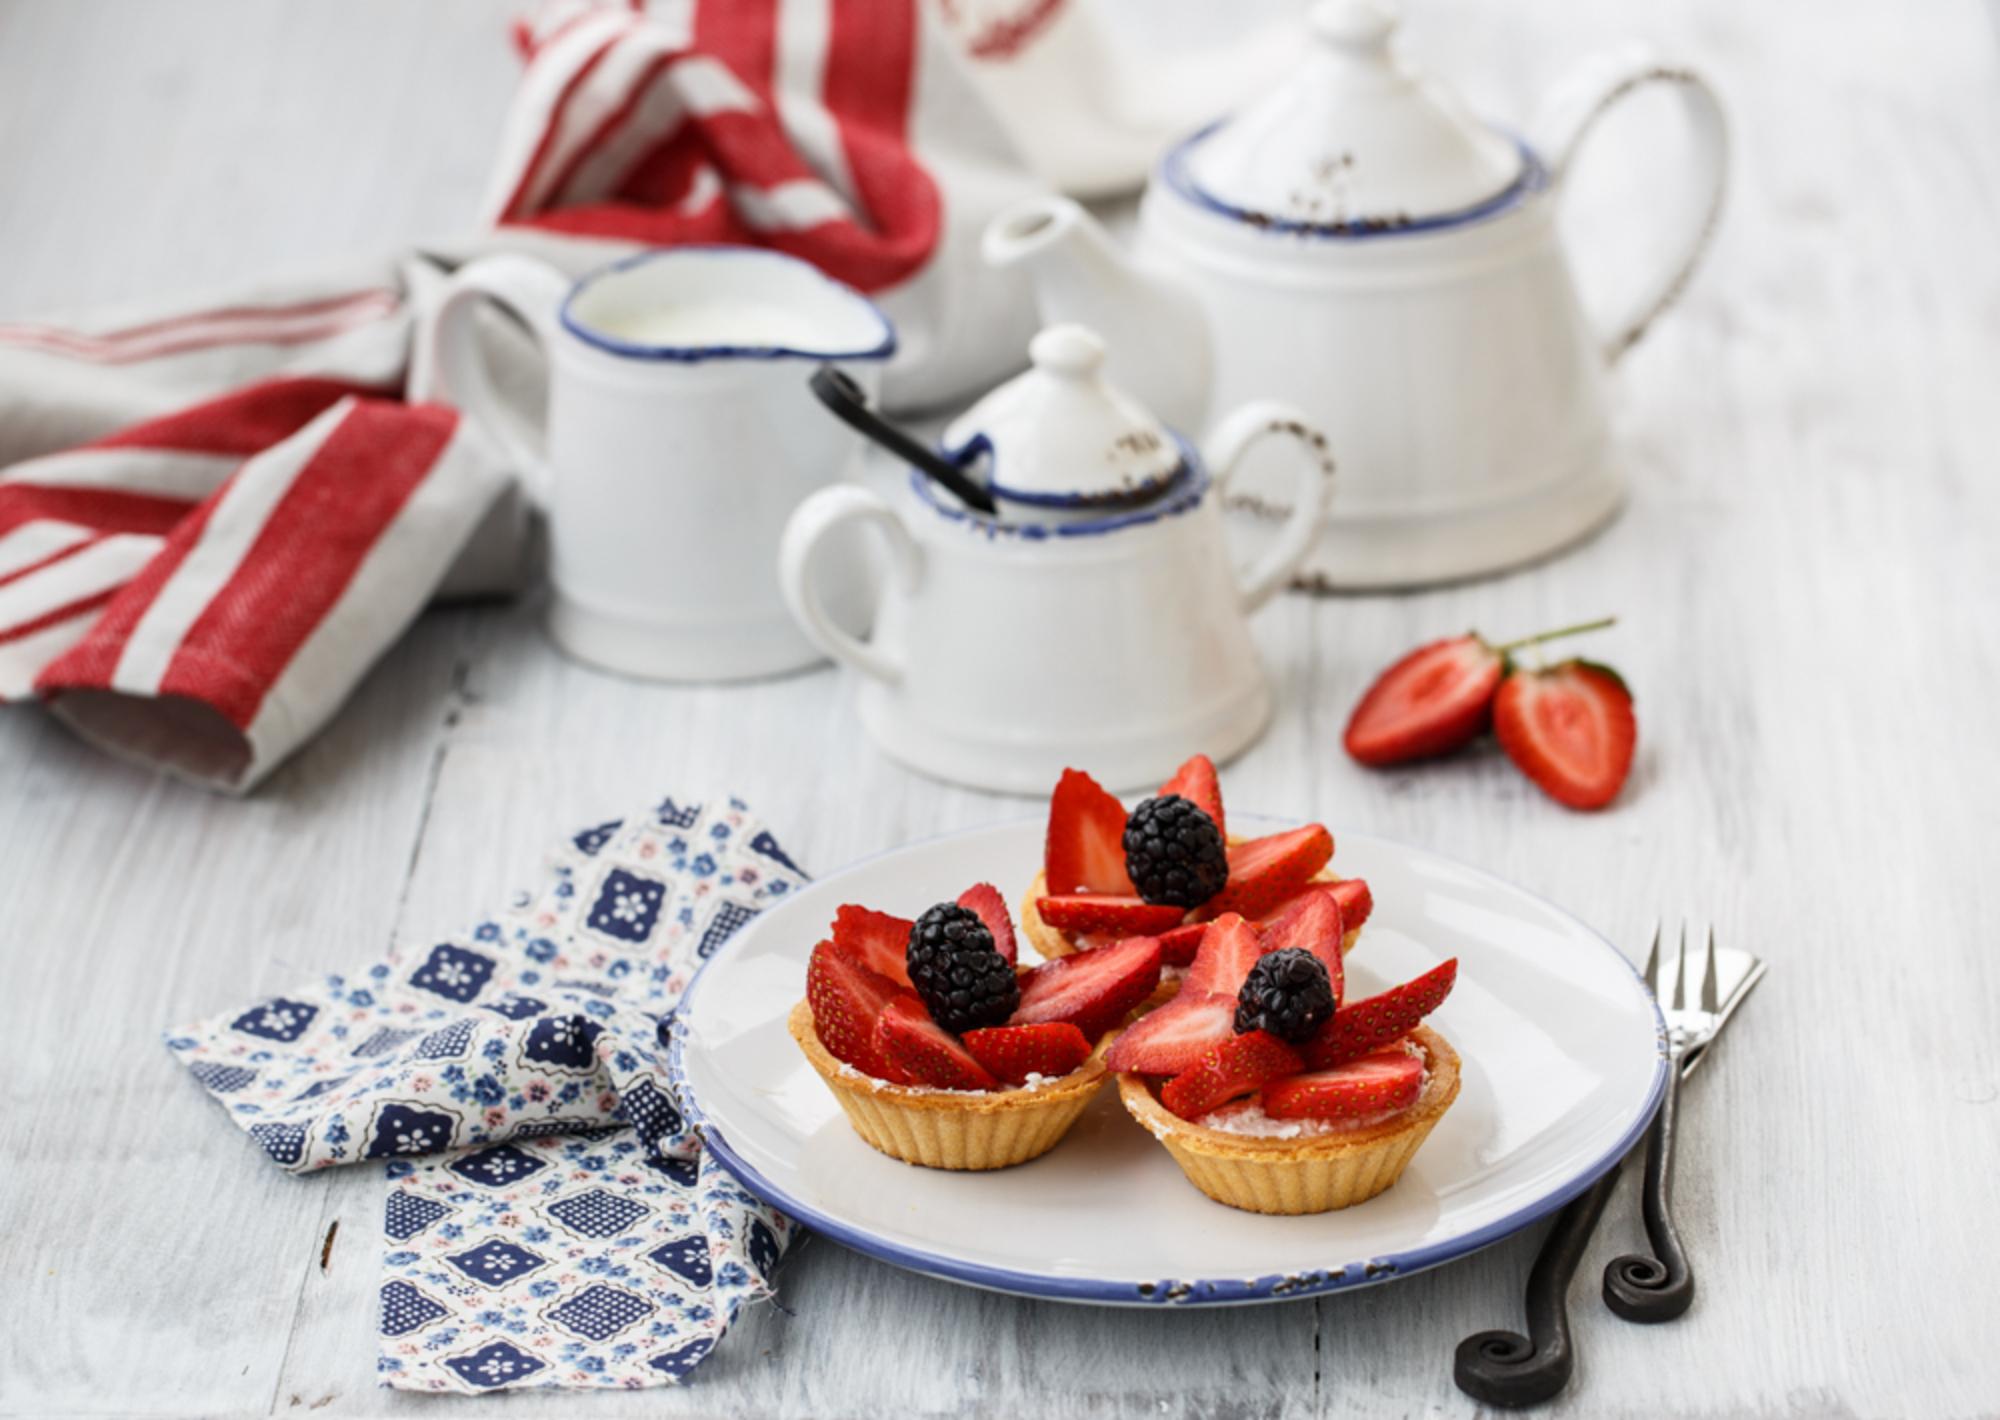 Пироженое с клюбникой и с чаем  № 2153805 загрузить